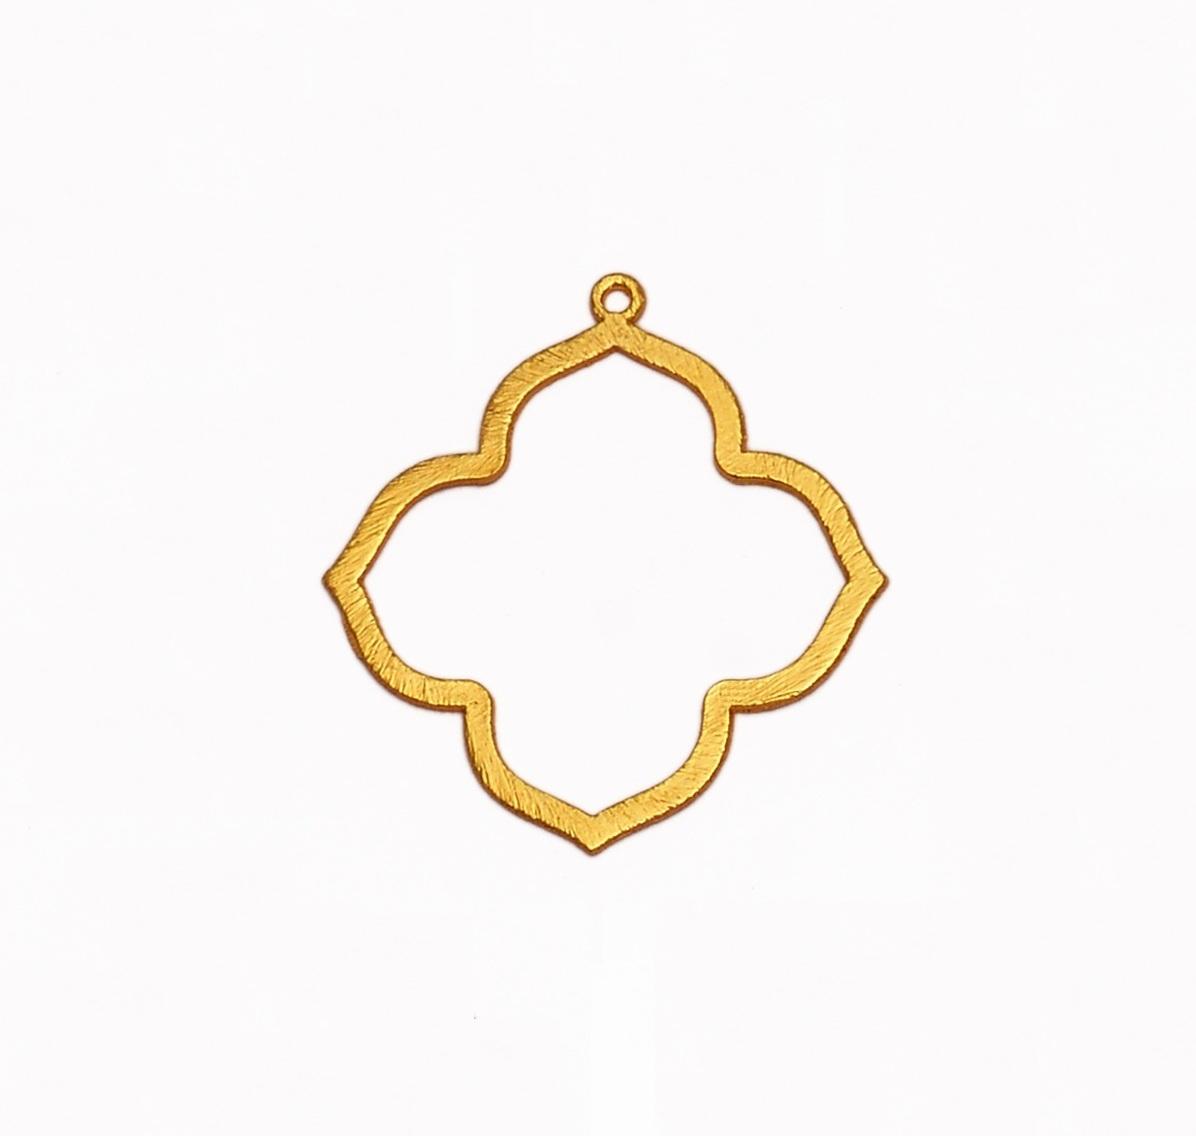 24k Gold Plated Brushed Keyhole Shaped Charm Pendant